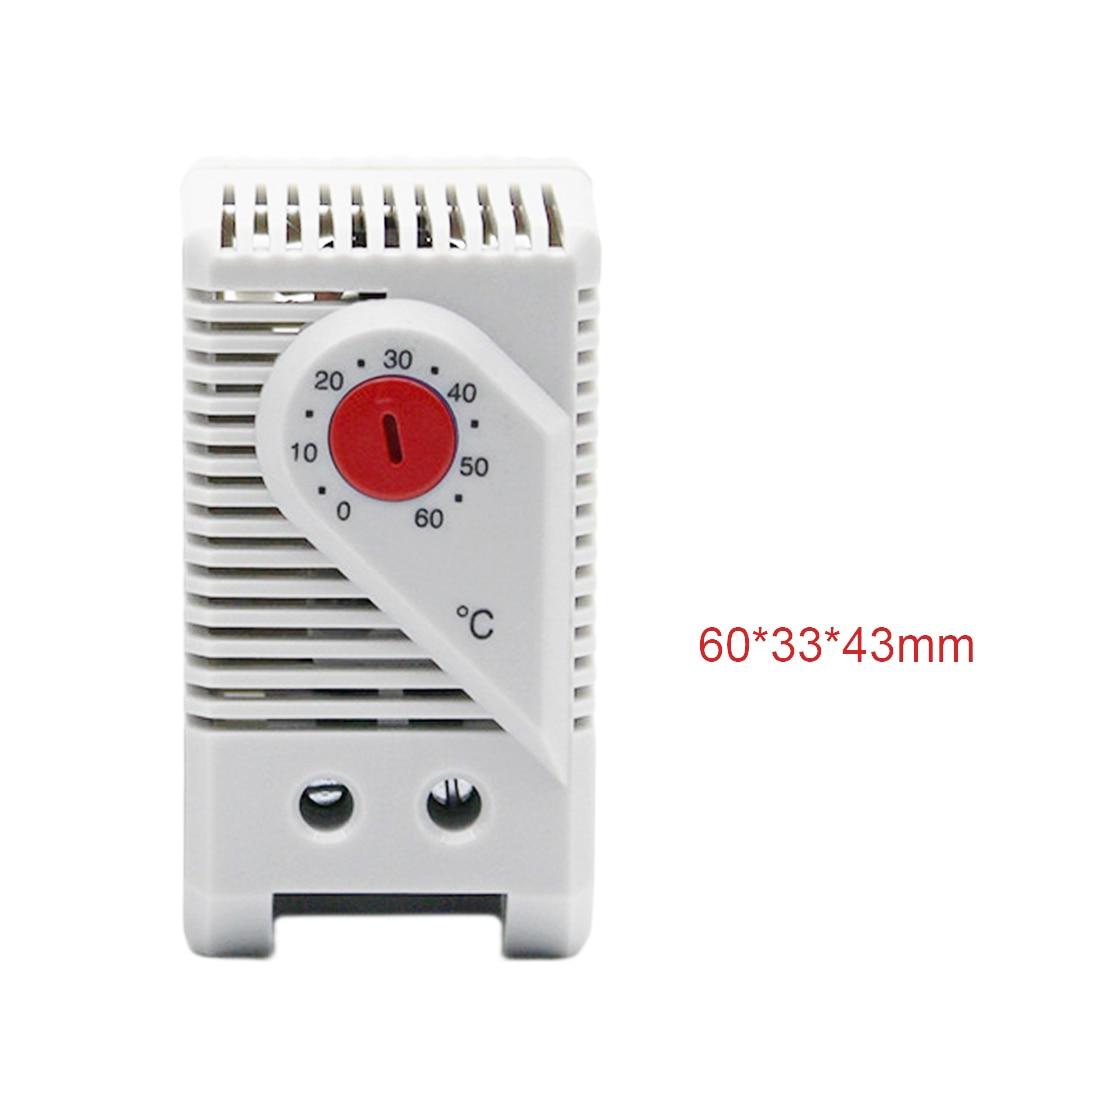 Top Kto 011 Compact Normaal Gesloten (Nc) Mechanische Stego Kabinet Thermostaat Temperatuurregelaar Thermoregulator